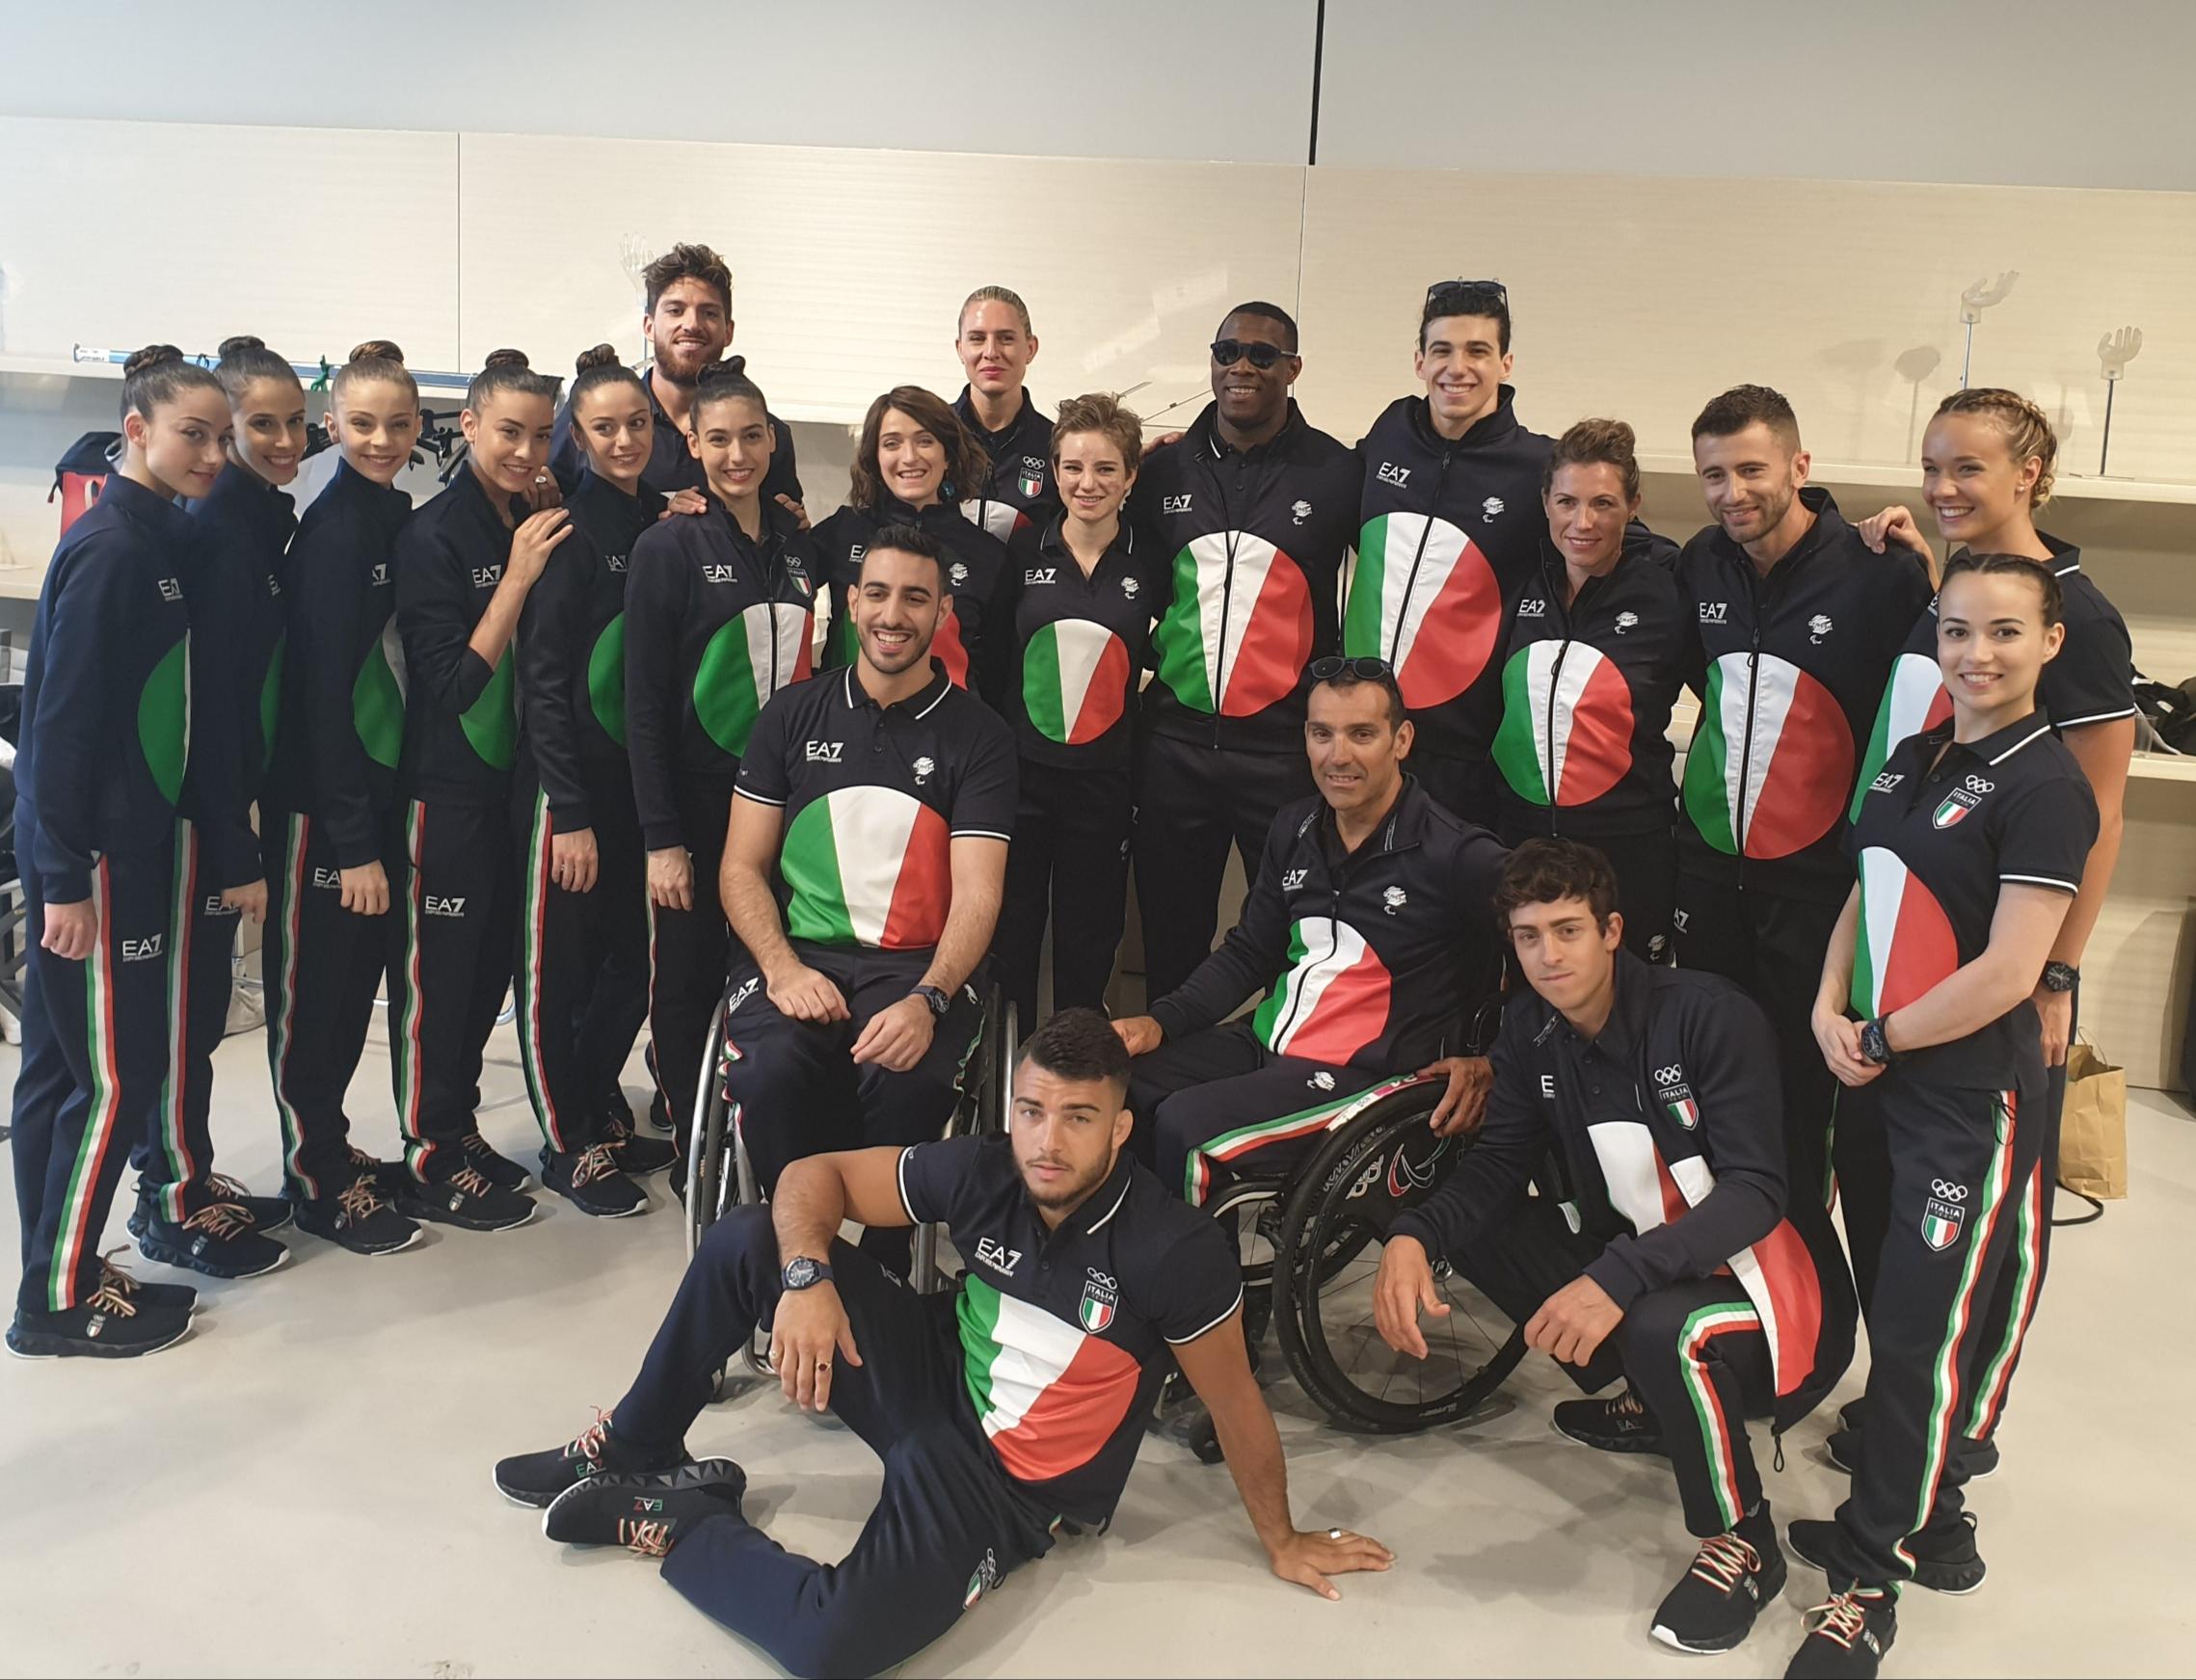 ab9fa12c73 Giorgio Armani veste l'Italia Team, presentata la divisa per Tokyo 2020